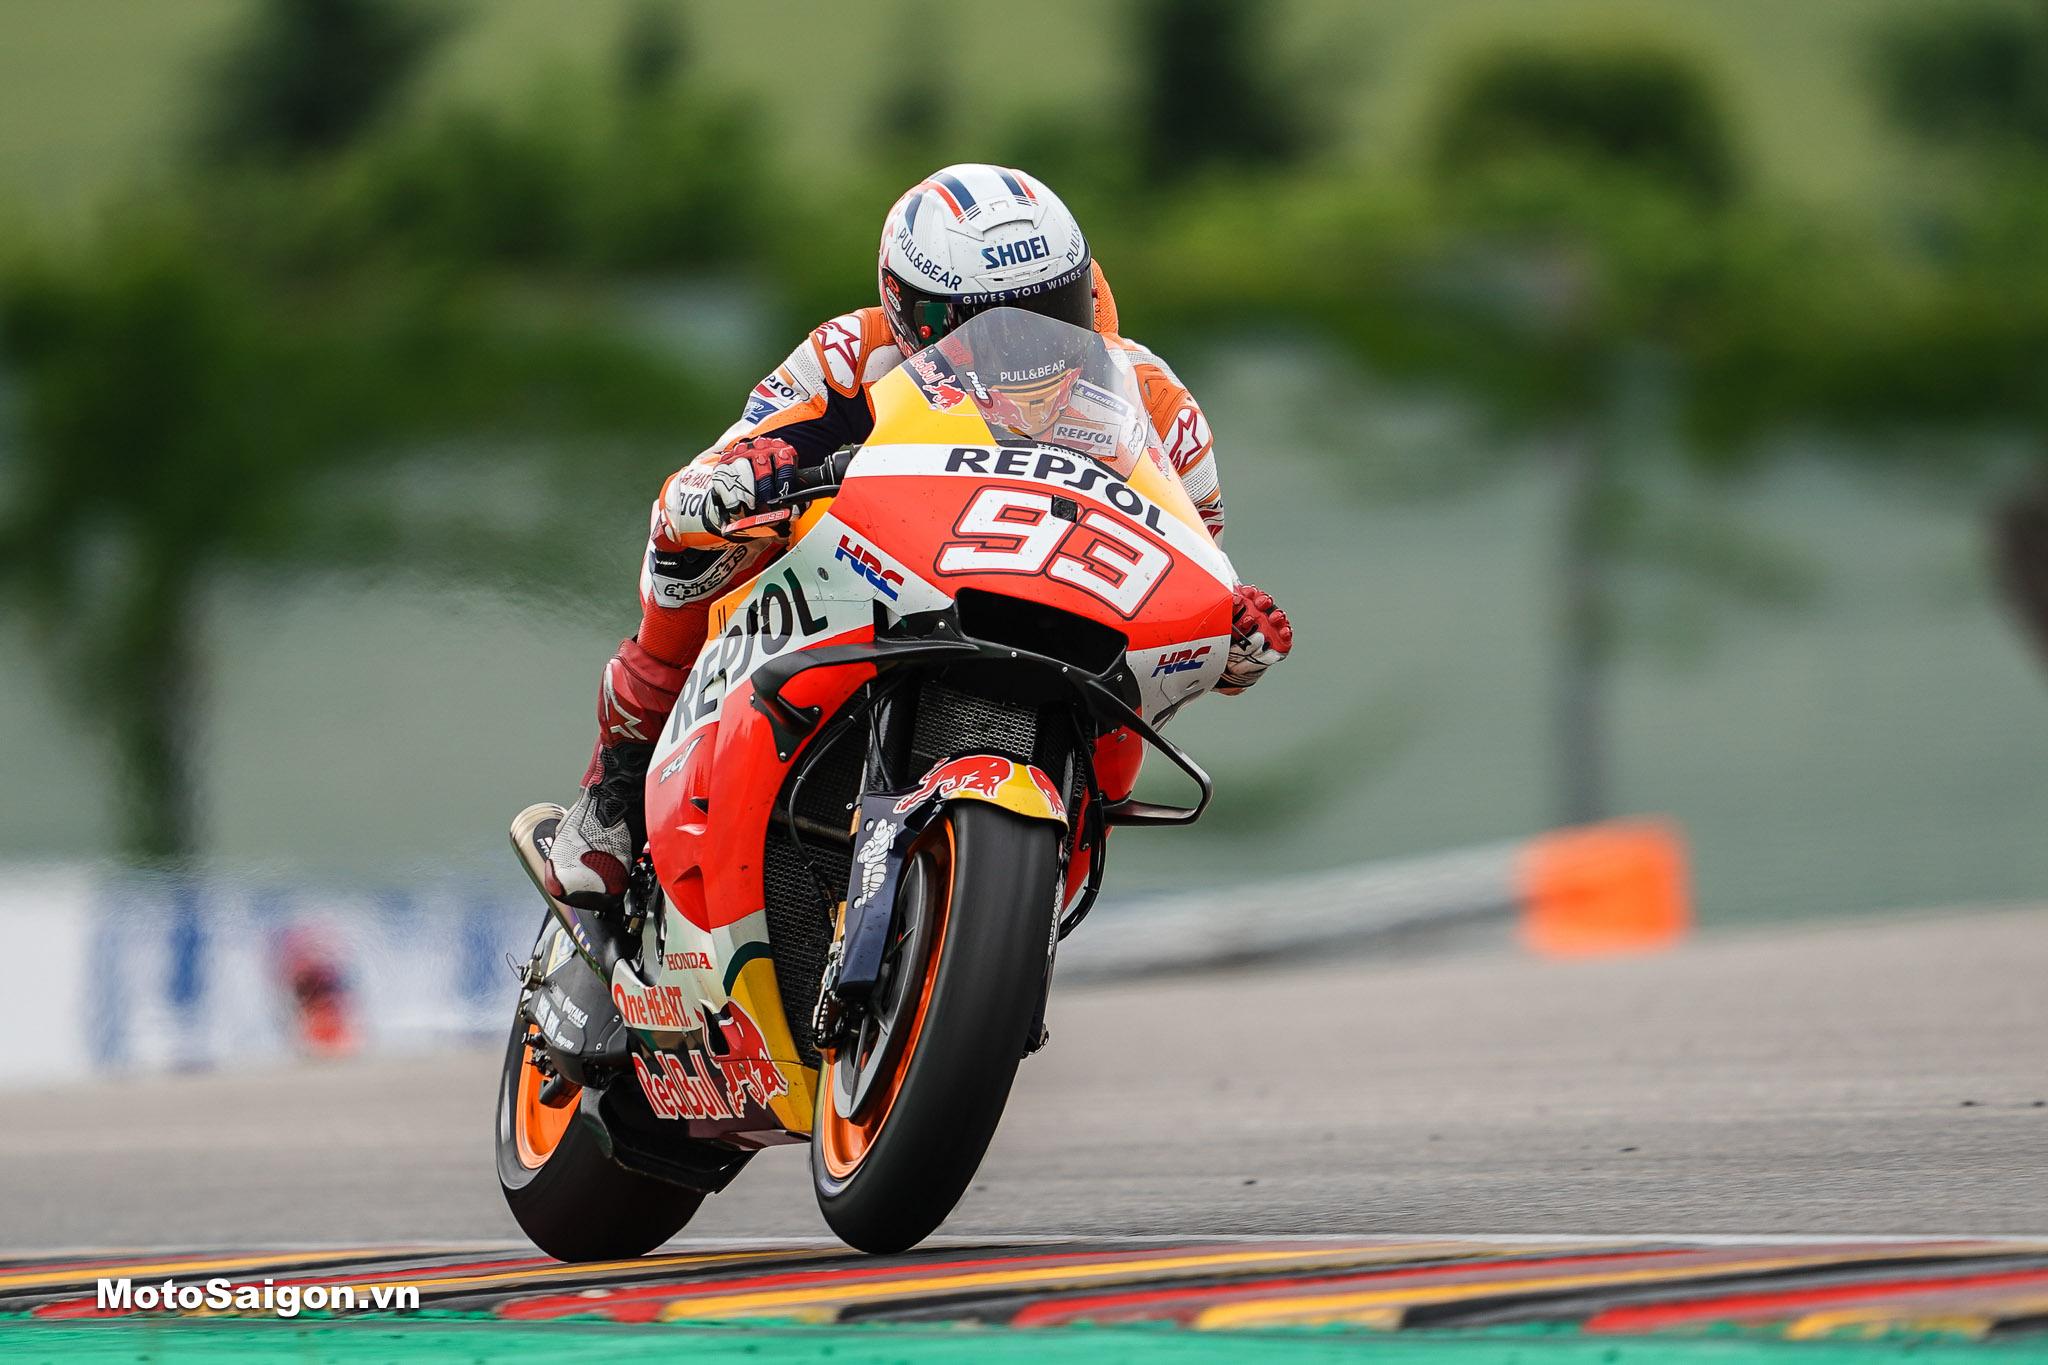 MotoGP_ HVN tự hào tiếp tục là nhà tài trợ đội đua Repsol Honda Team